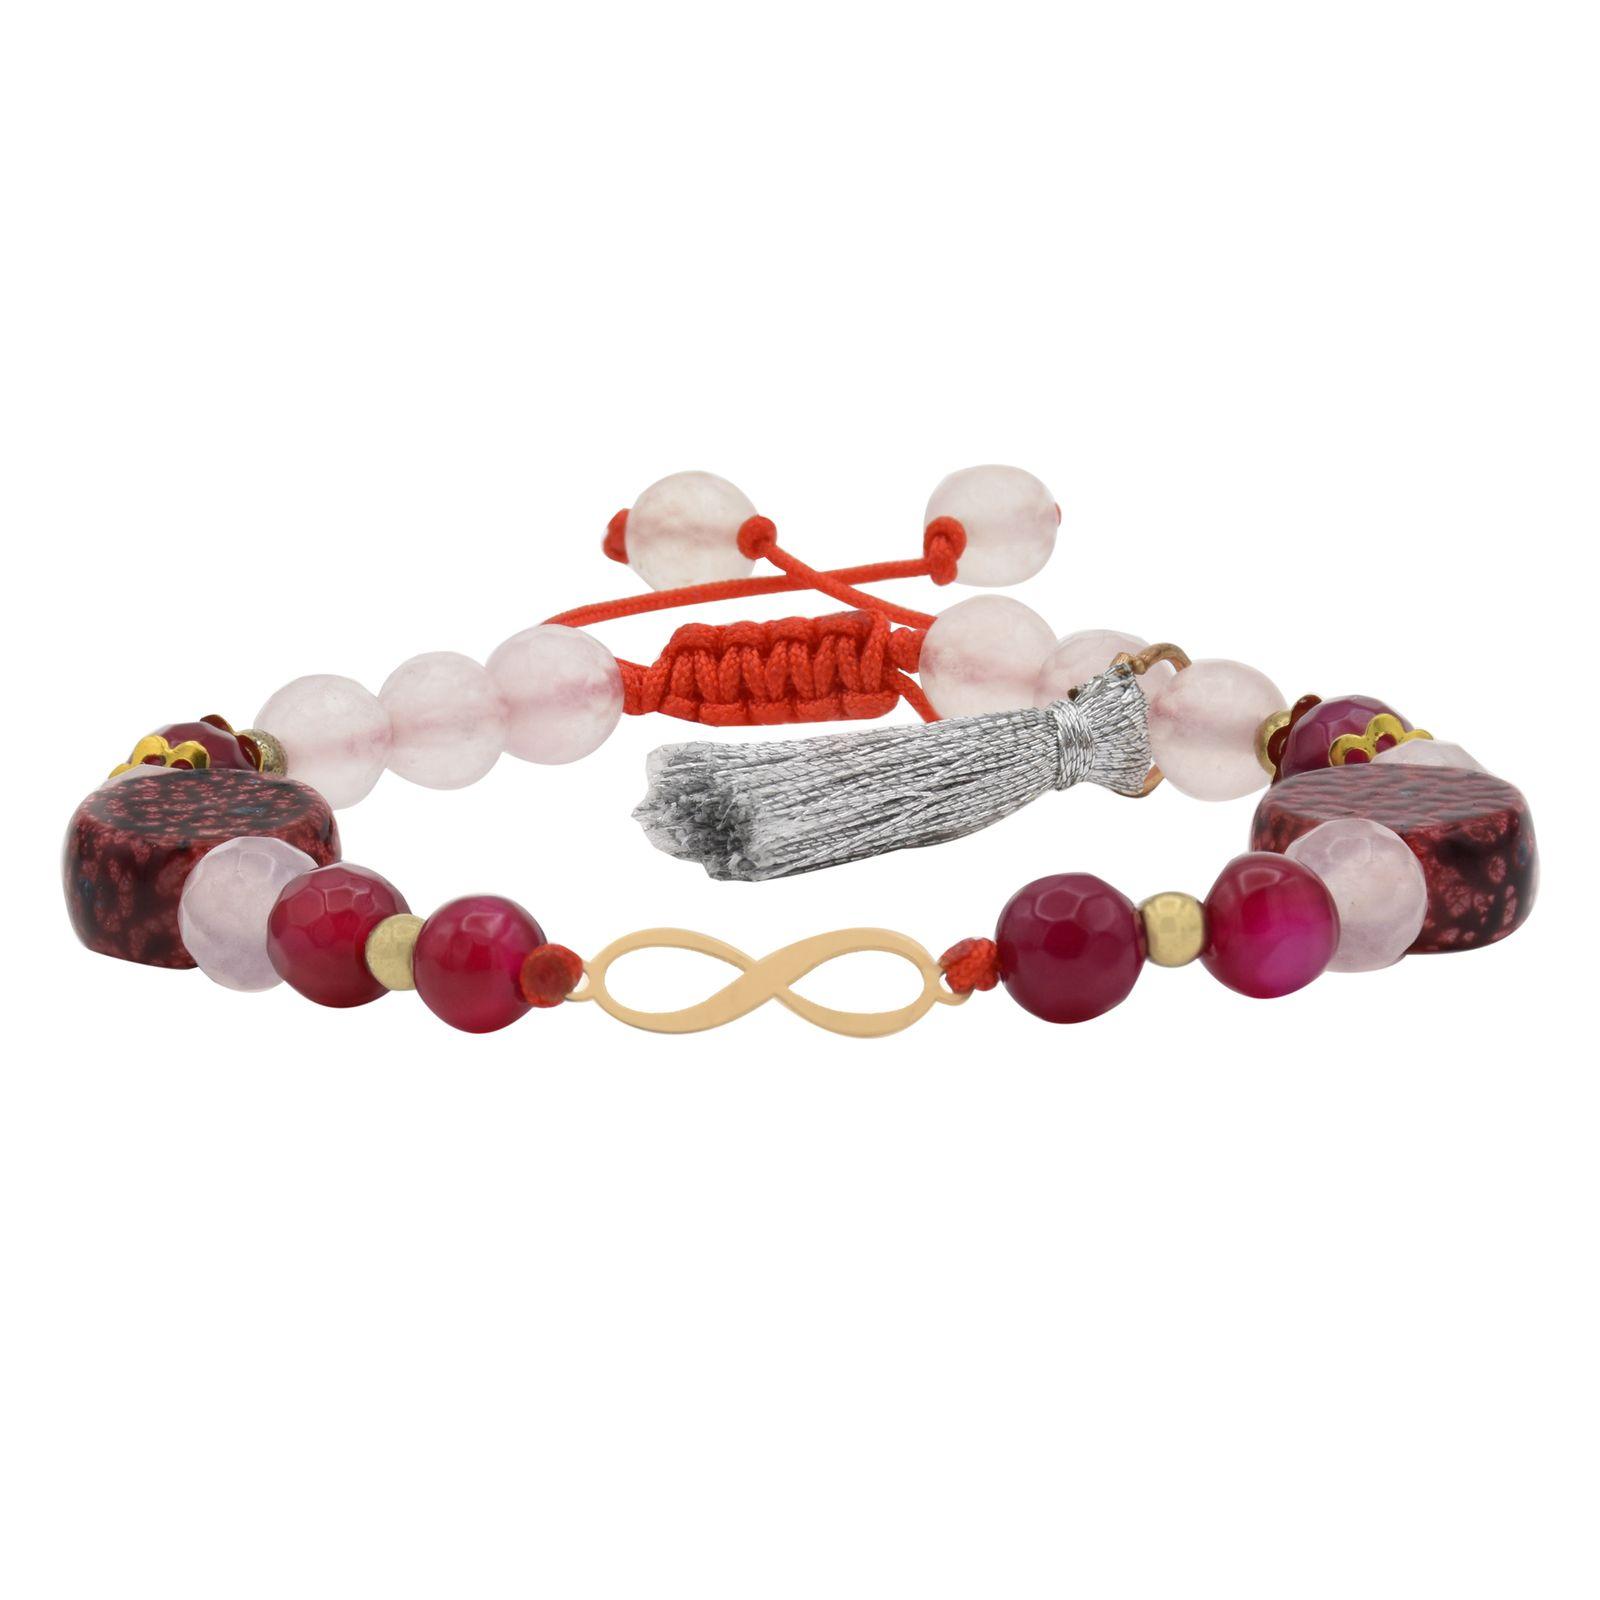 دستبند طلا 18 عیار زنانه آمانژ طرح بینهایت کد 893D8912 -  - 2